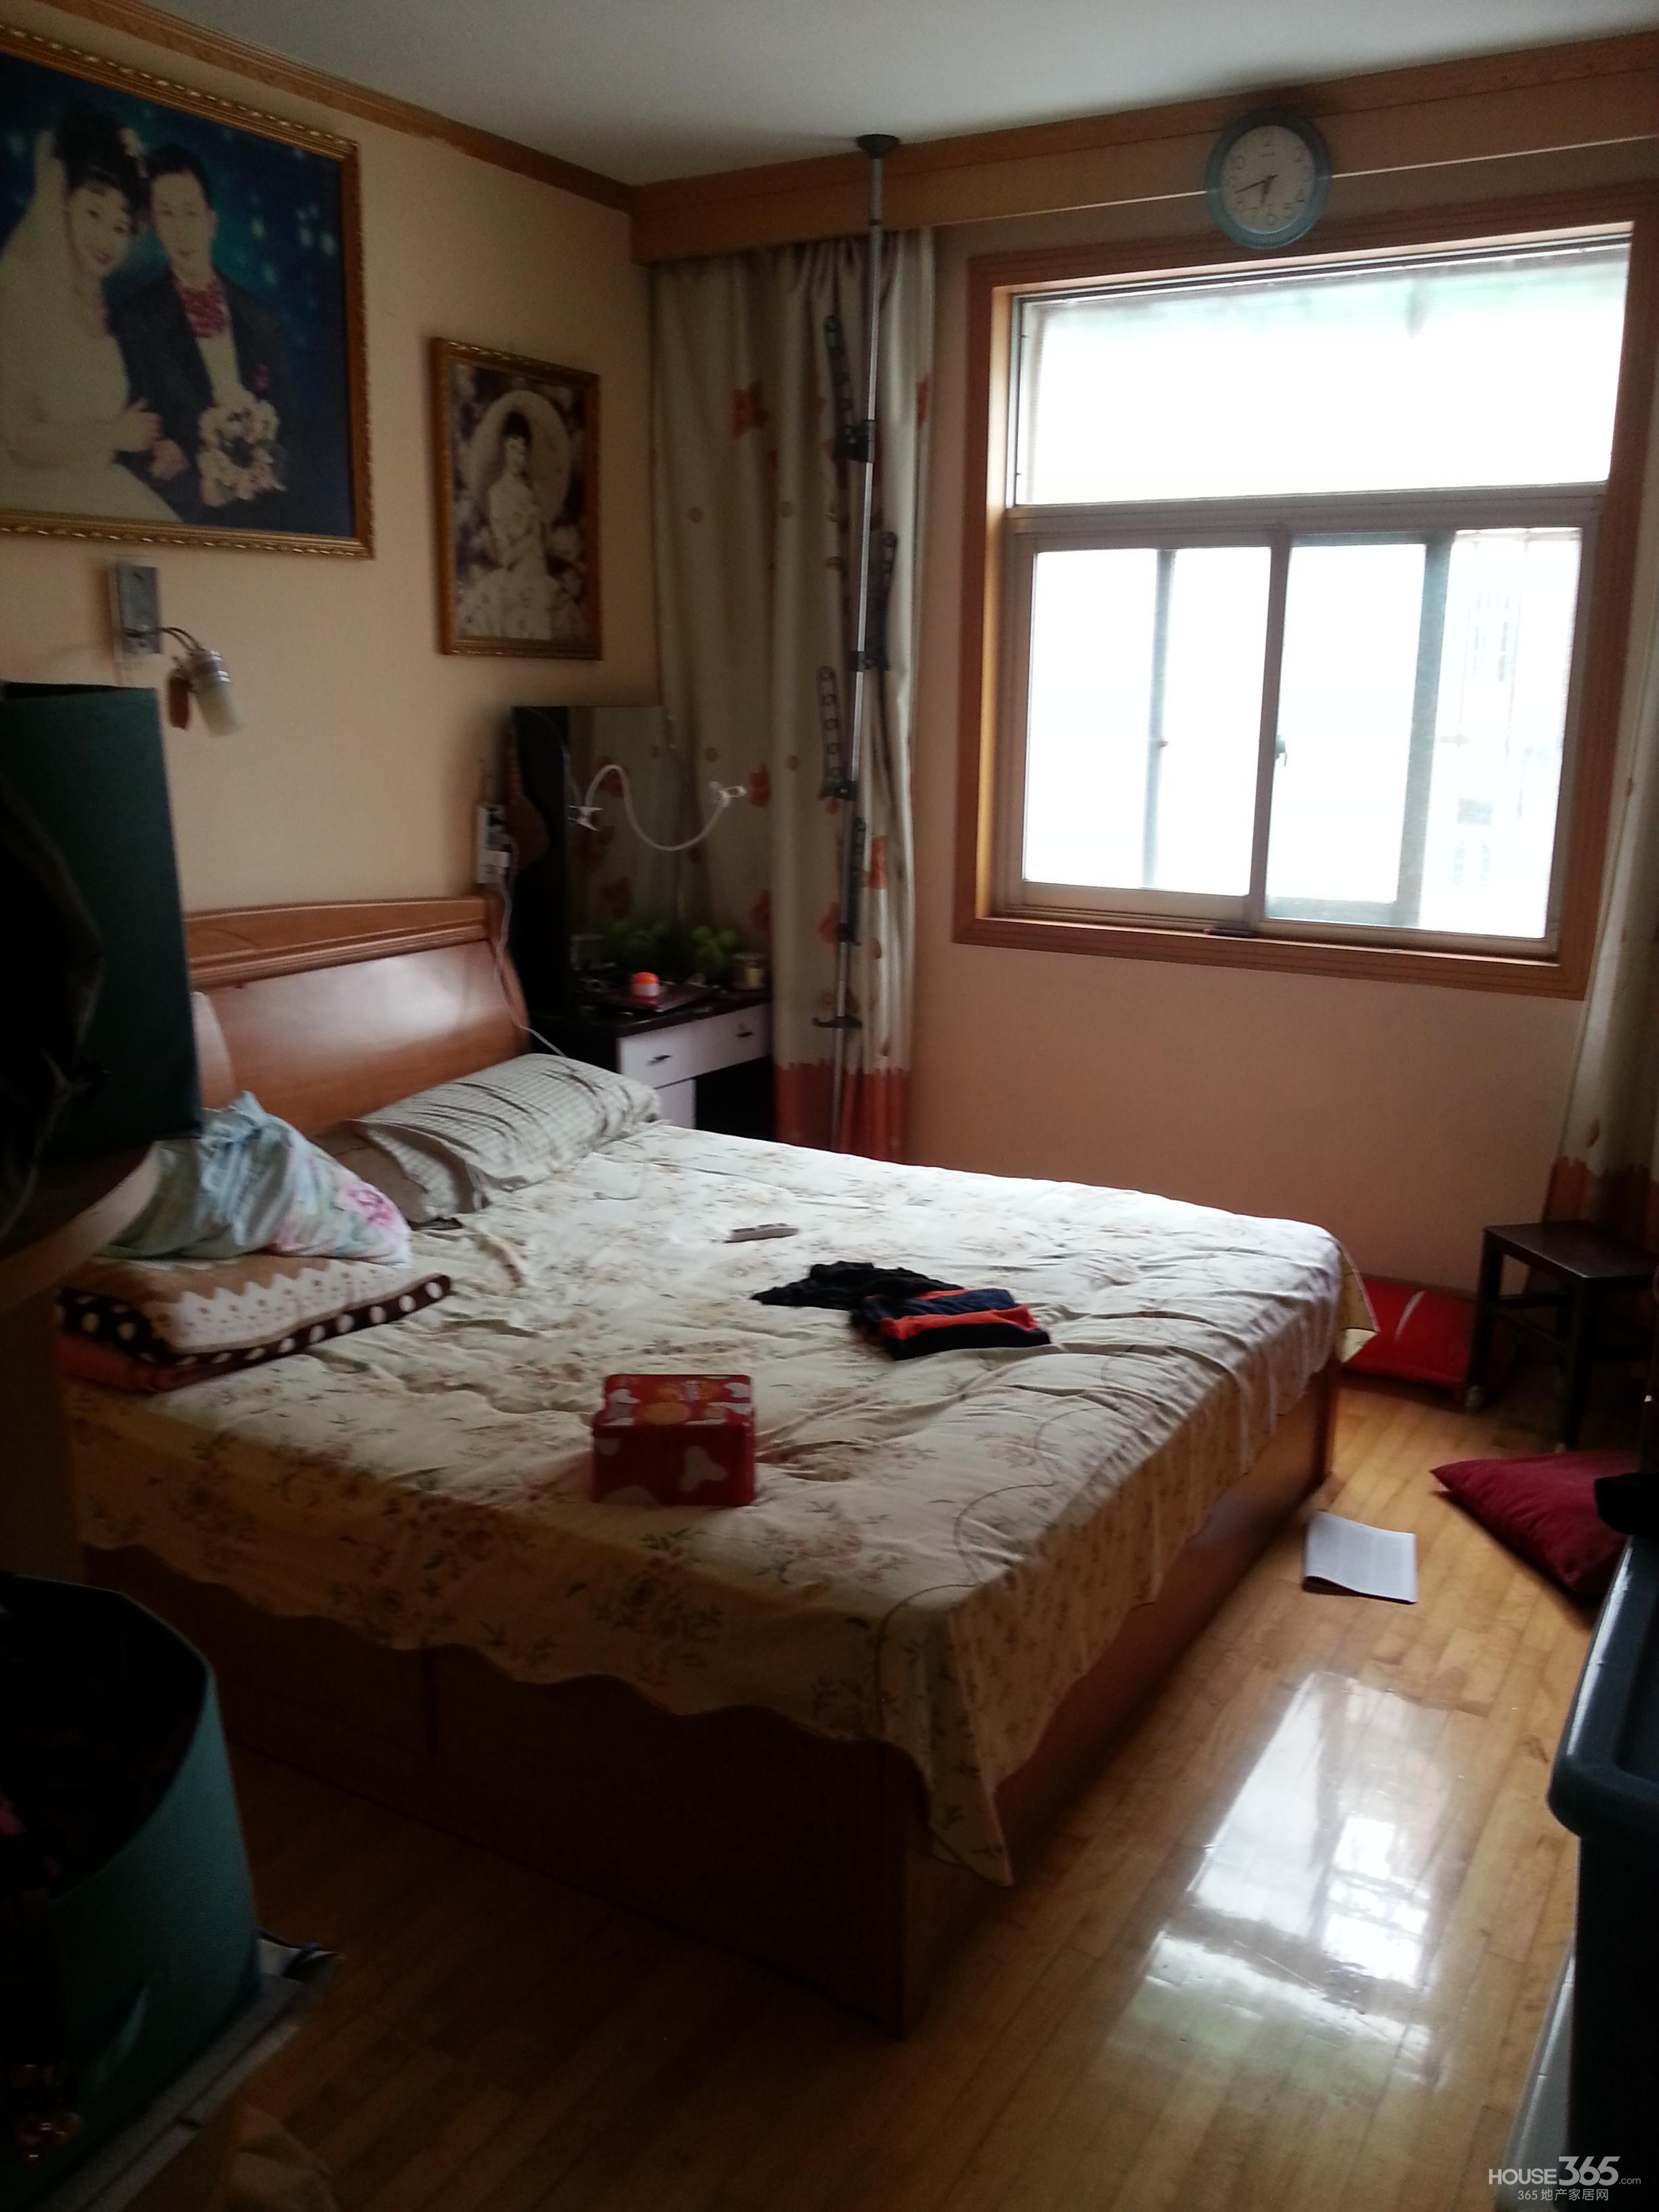 背景墙 房间 家居 起居室 设计 卧室 卧室装修 现代 装修 2448_3264图片